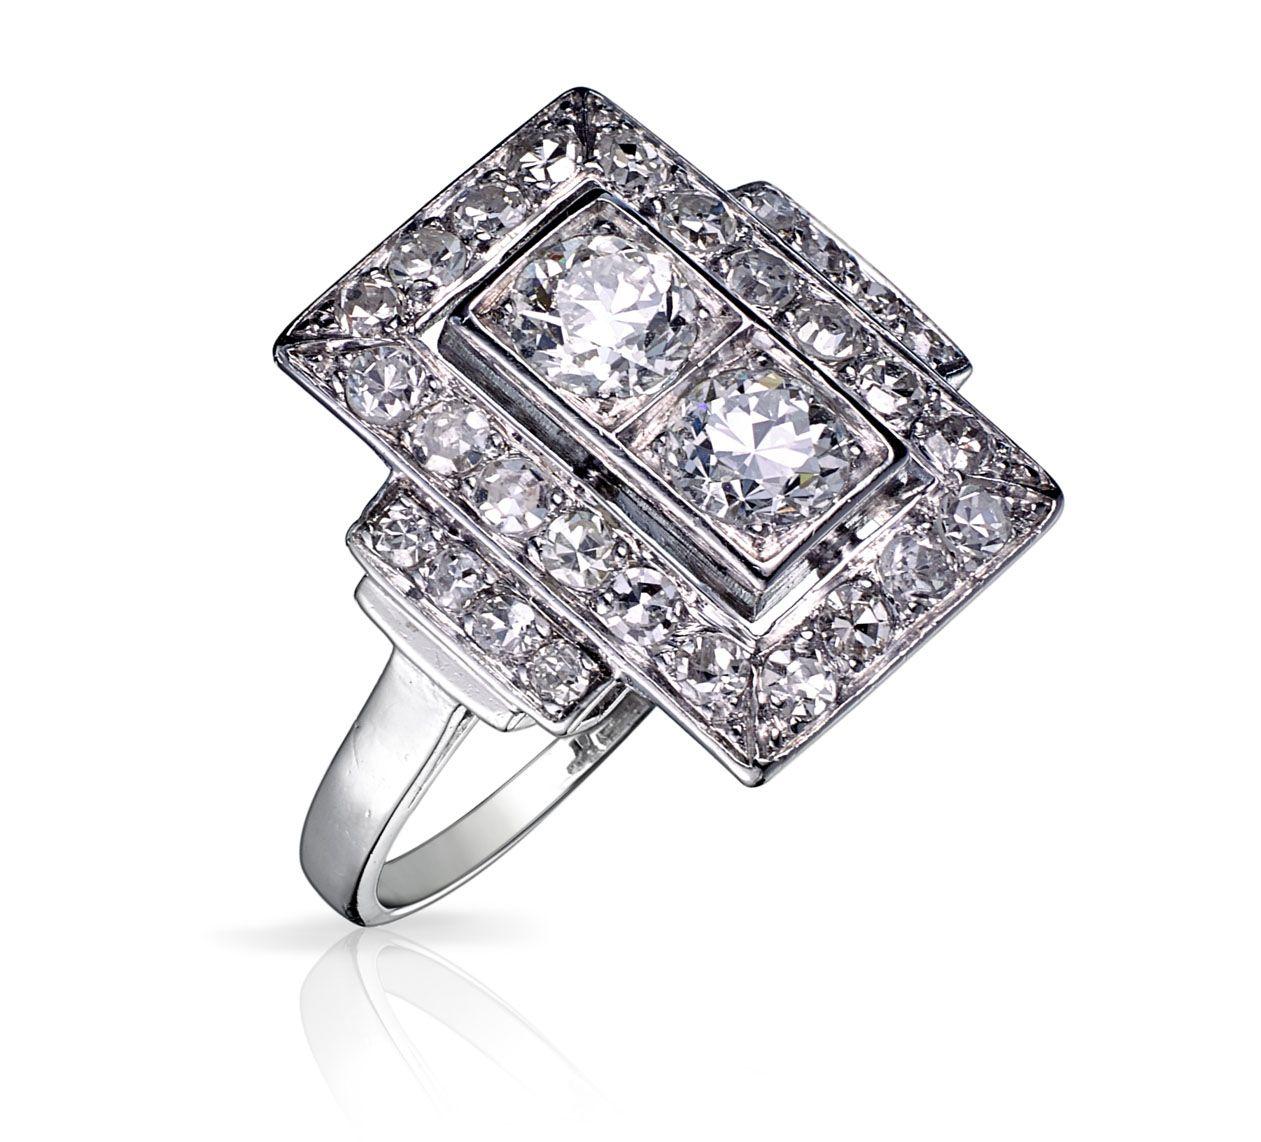 Or DiamantAnciennebague Blanc Et Roxane Deco Art Bague VzUGSMpLq